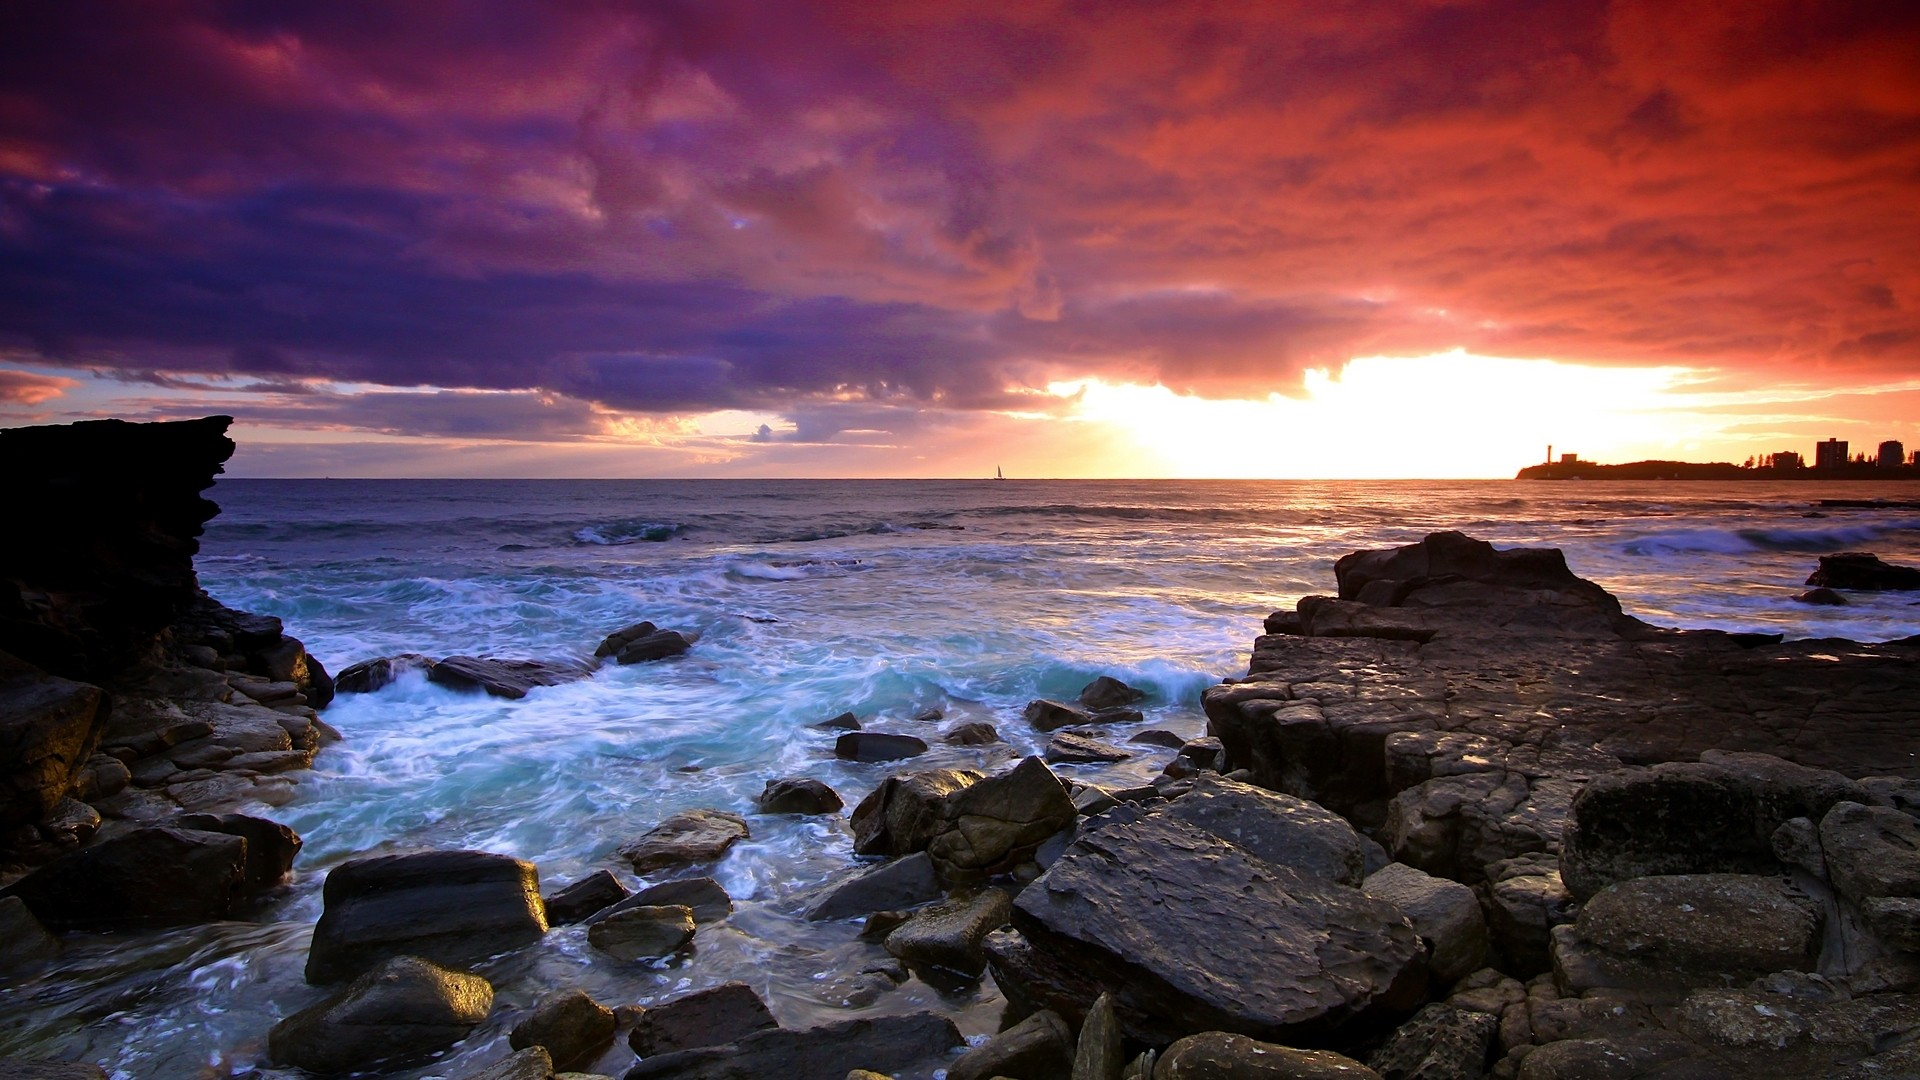 Ocean Nature PC Wallpaper HD